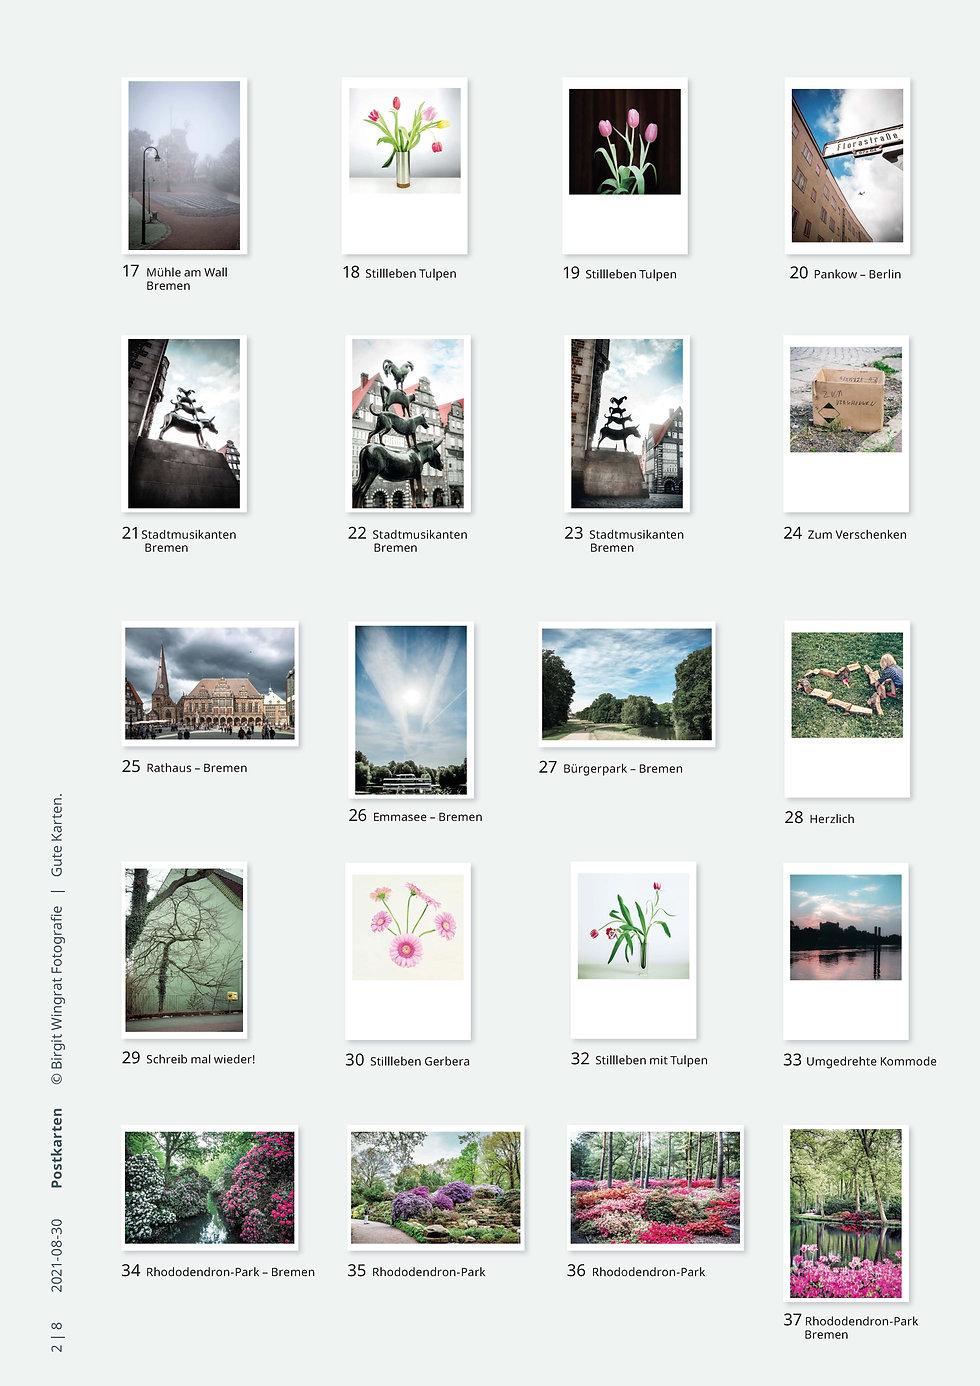 Gute Karten_PK_2021-08-30_Seite_2.jpg